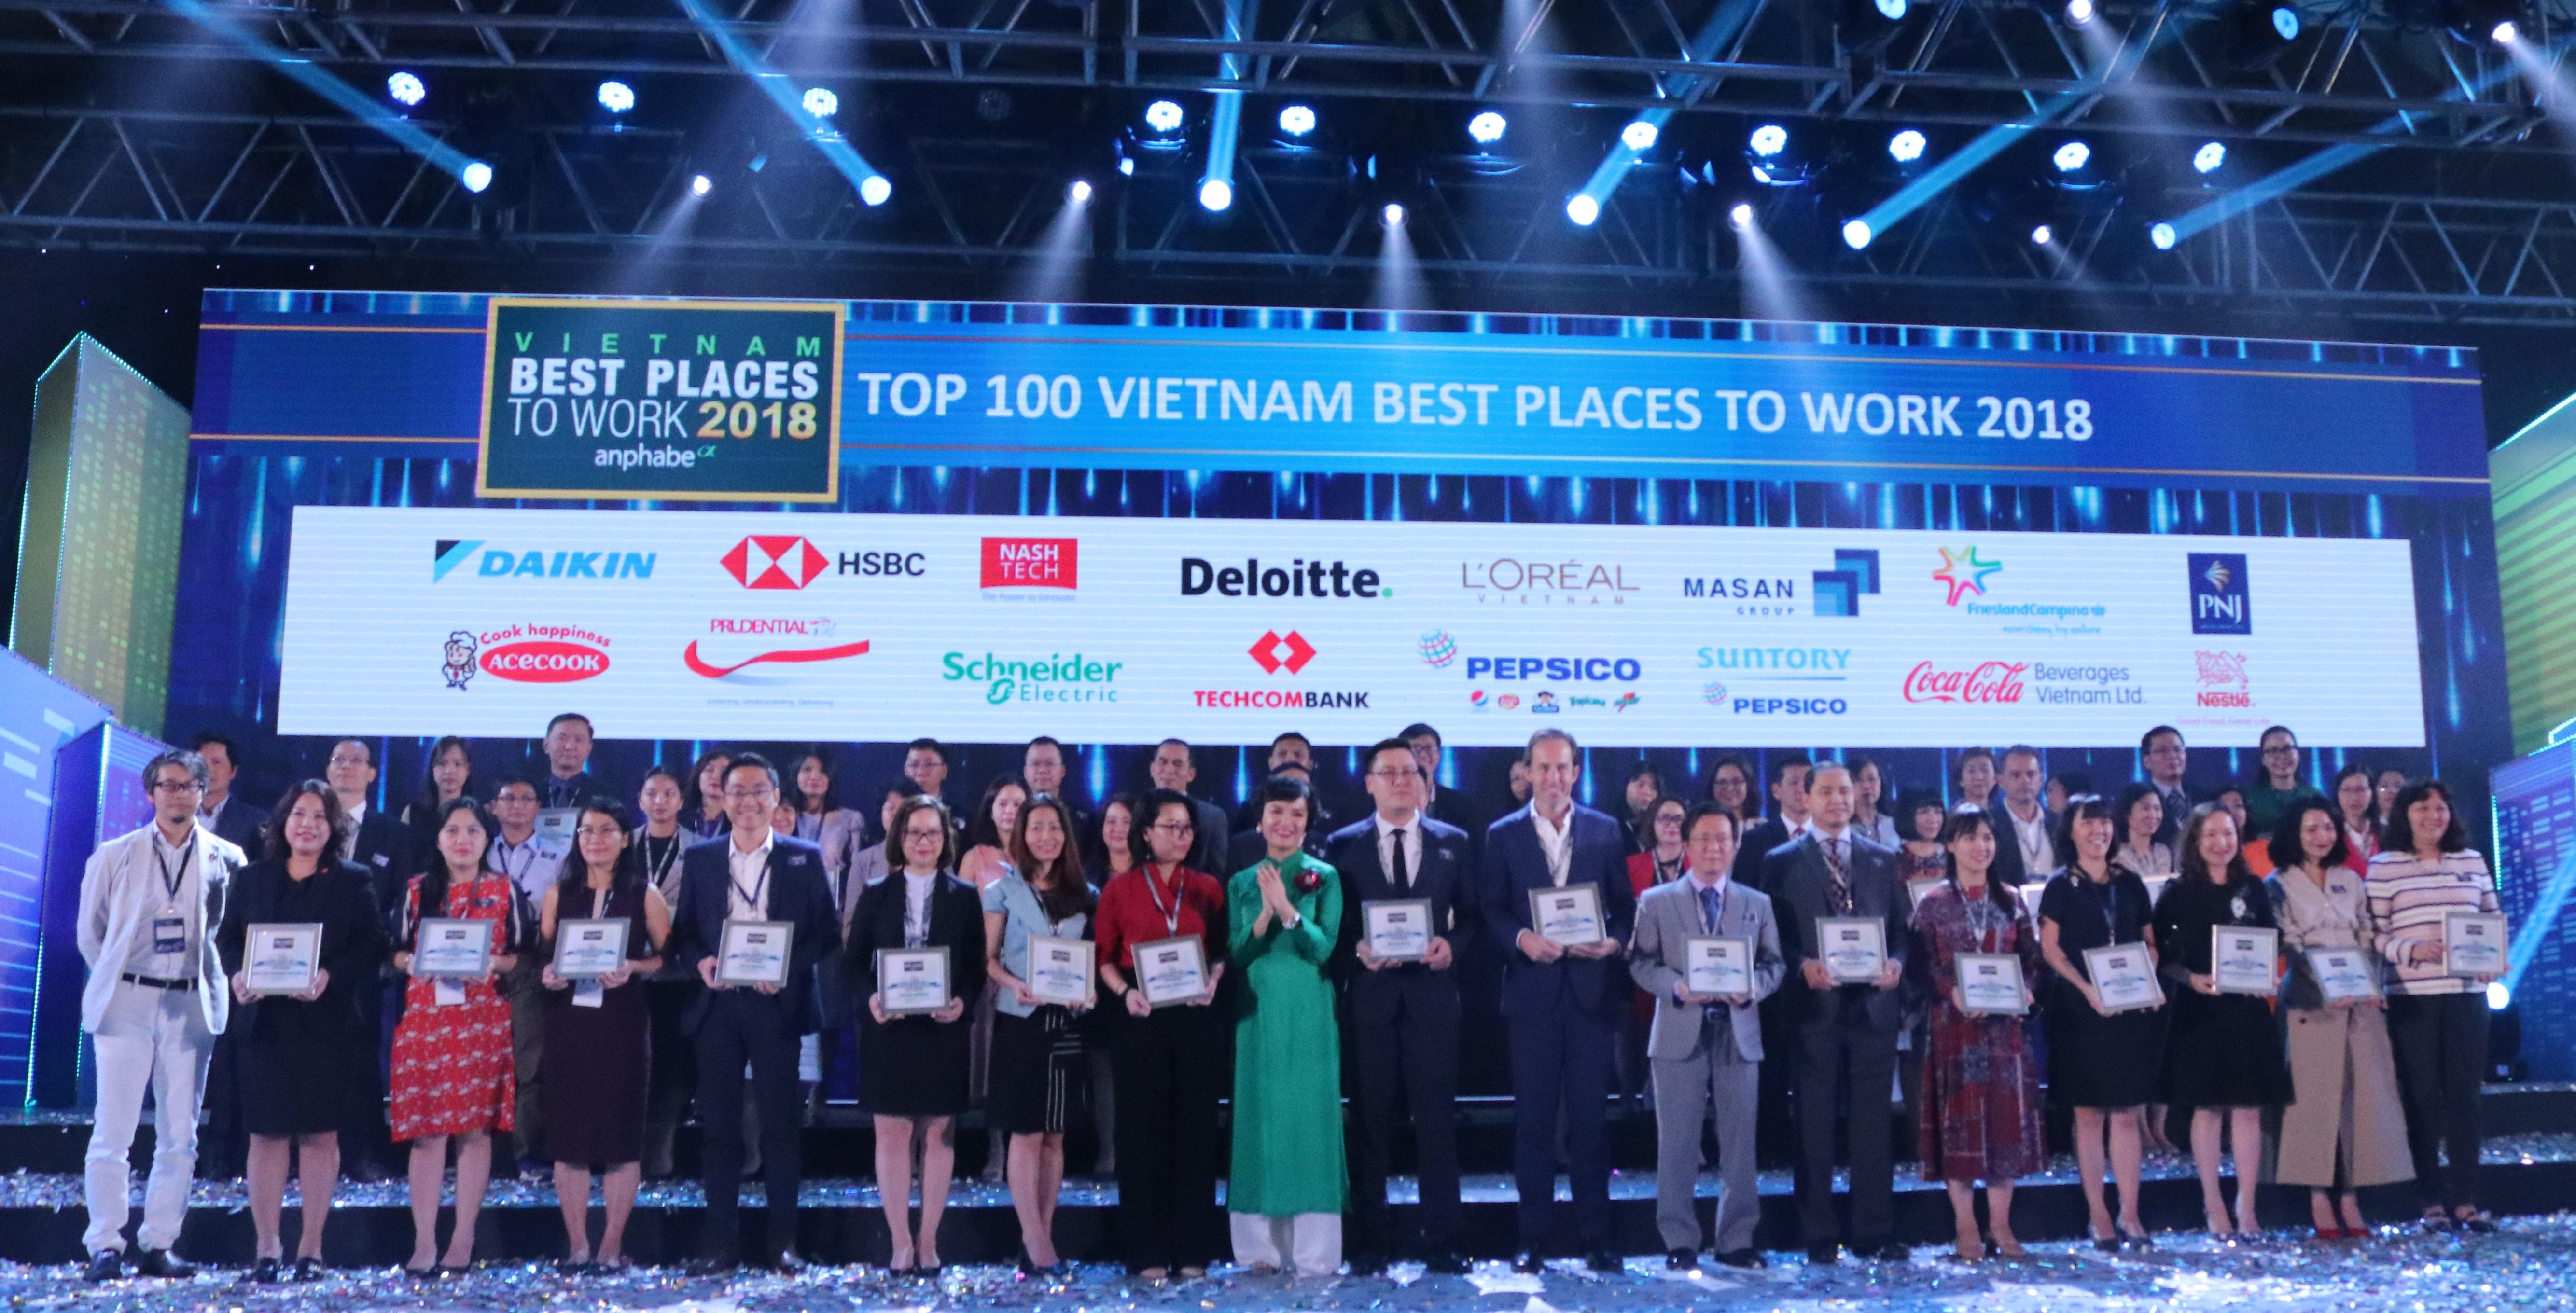 Techcombank liên tiếp giữ vững Top 2 nơi làm việc tốt nhất ngành ngân hàng trong 3 năm liền  - Ảnh 2